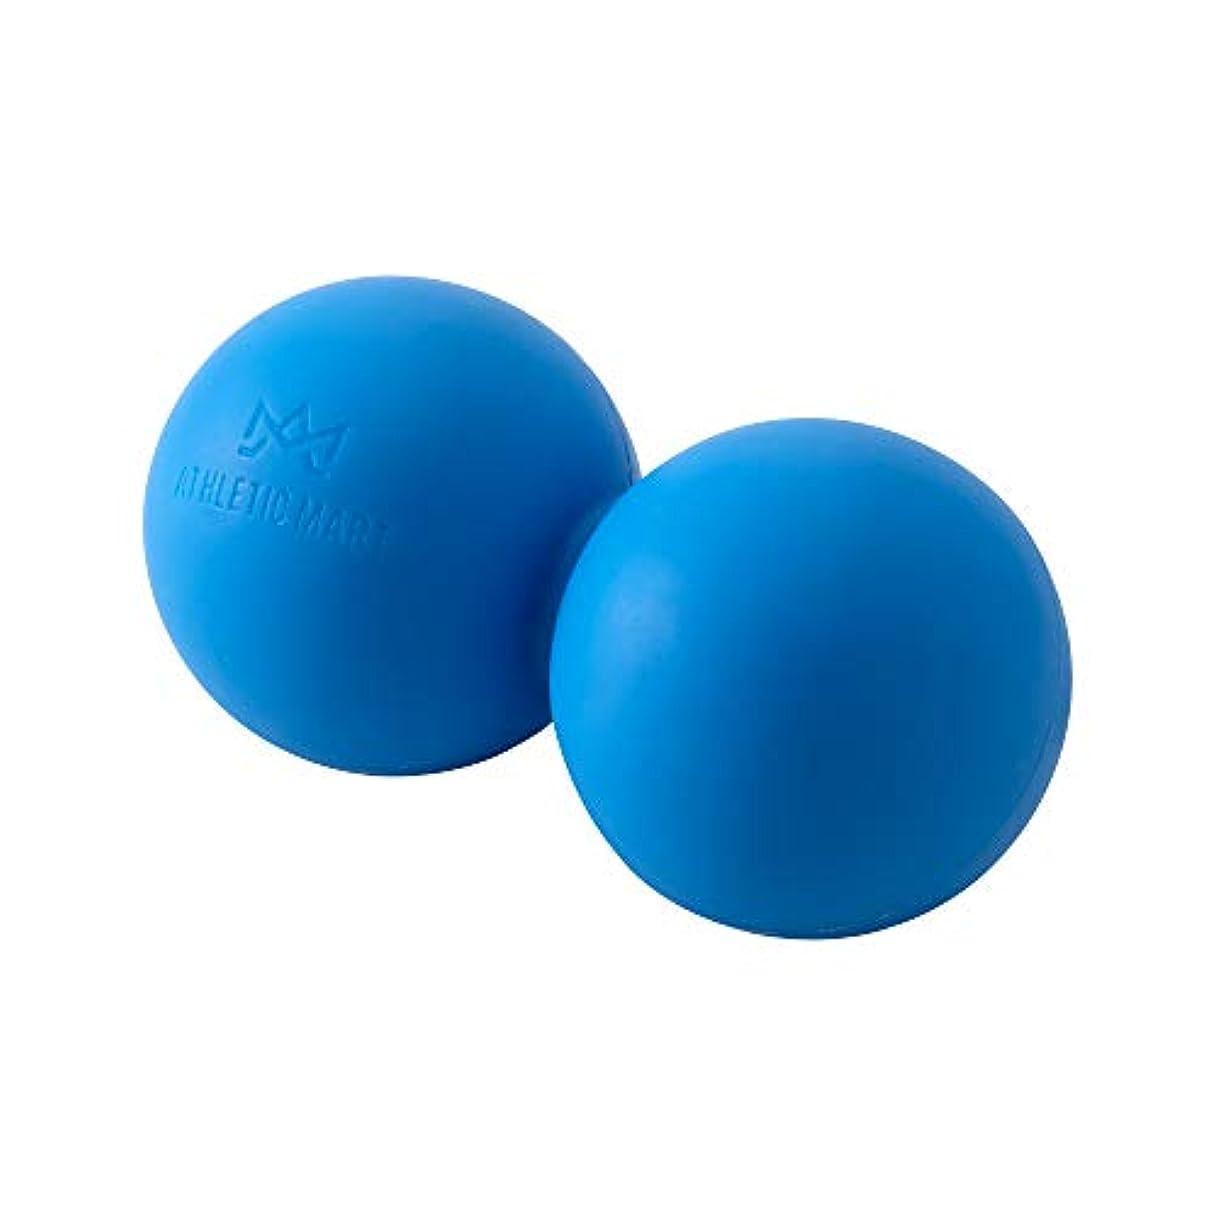 出発する成熟した変成器ATHLETIC MART ピーナッツ型ストレッチボール マッサージボール ラクロスボール2個サイズ ツボ押し (ブルー)